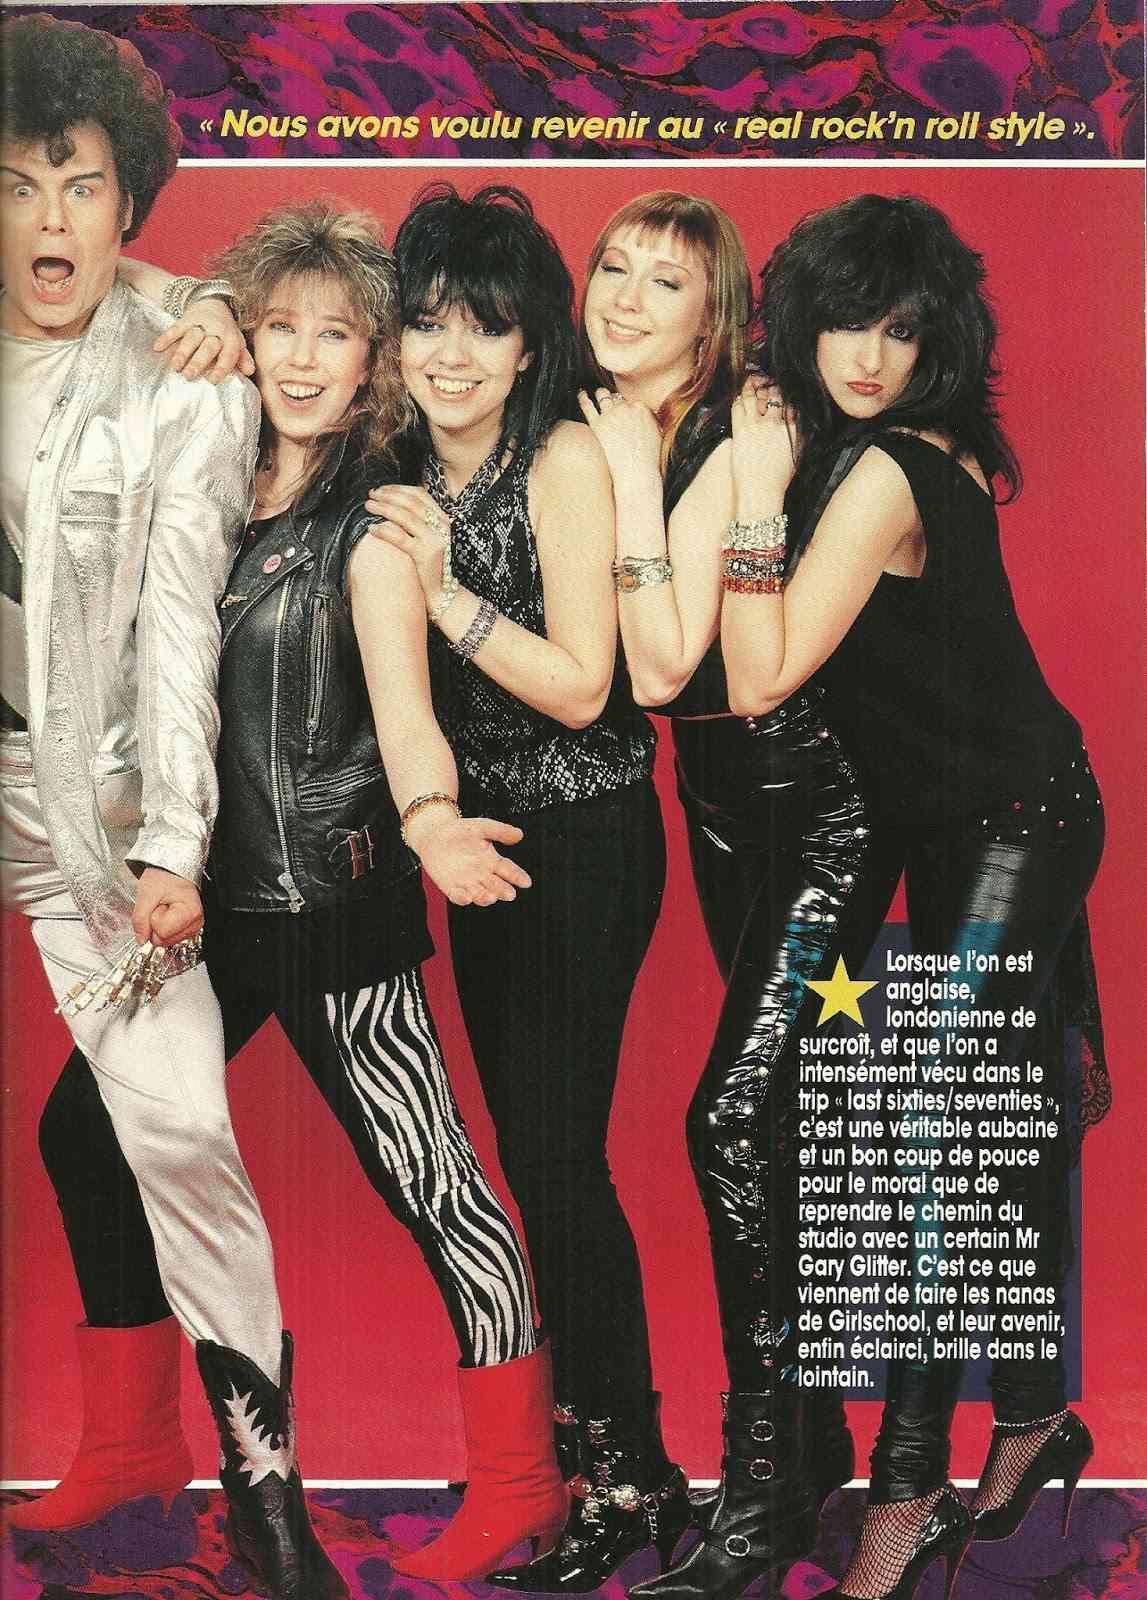 GIRLSCHOOL C'est la rentrée ... (HARD ROCK Magazine Juillet/Août 1996) Archive à lire Numyri53